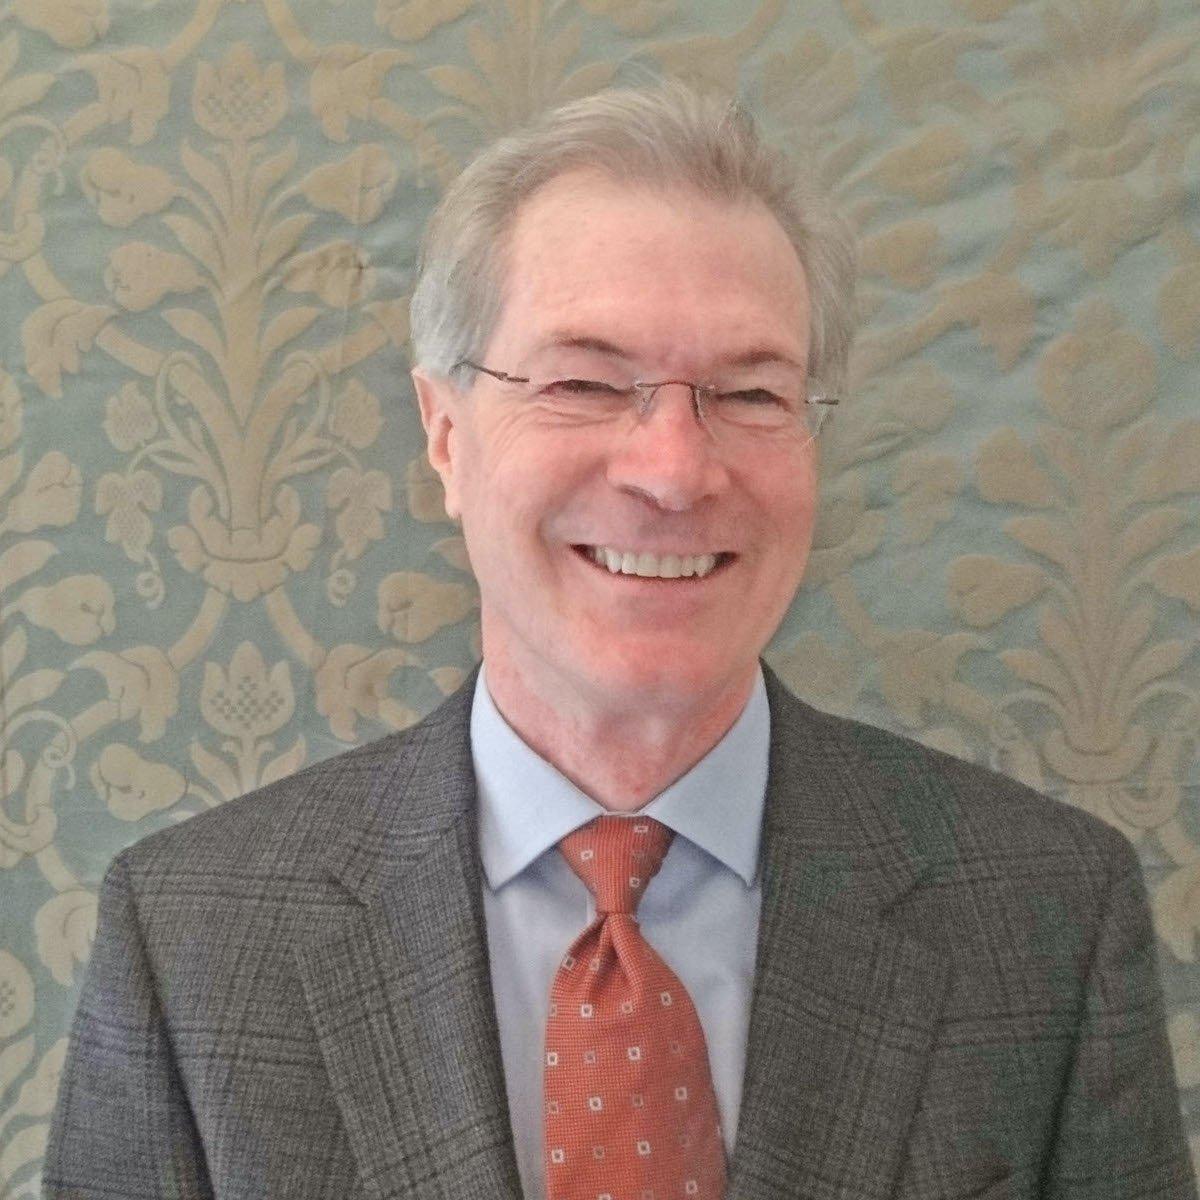 Rev. Steve Wilson